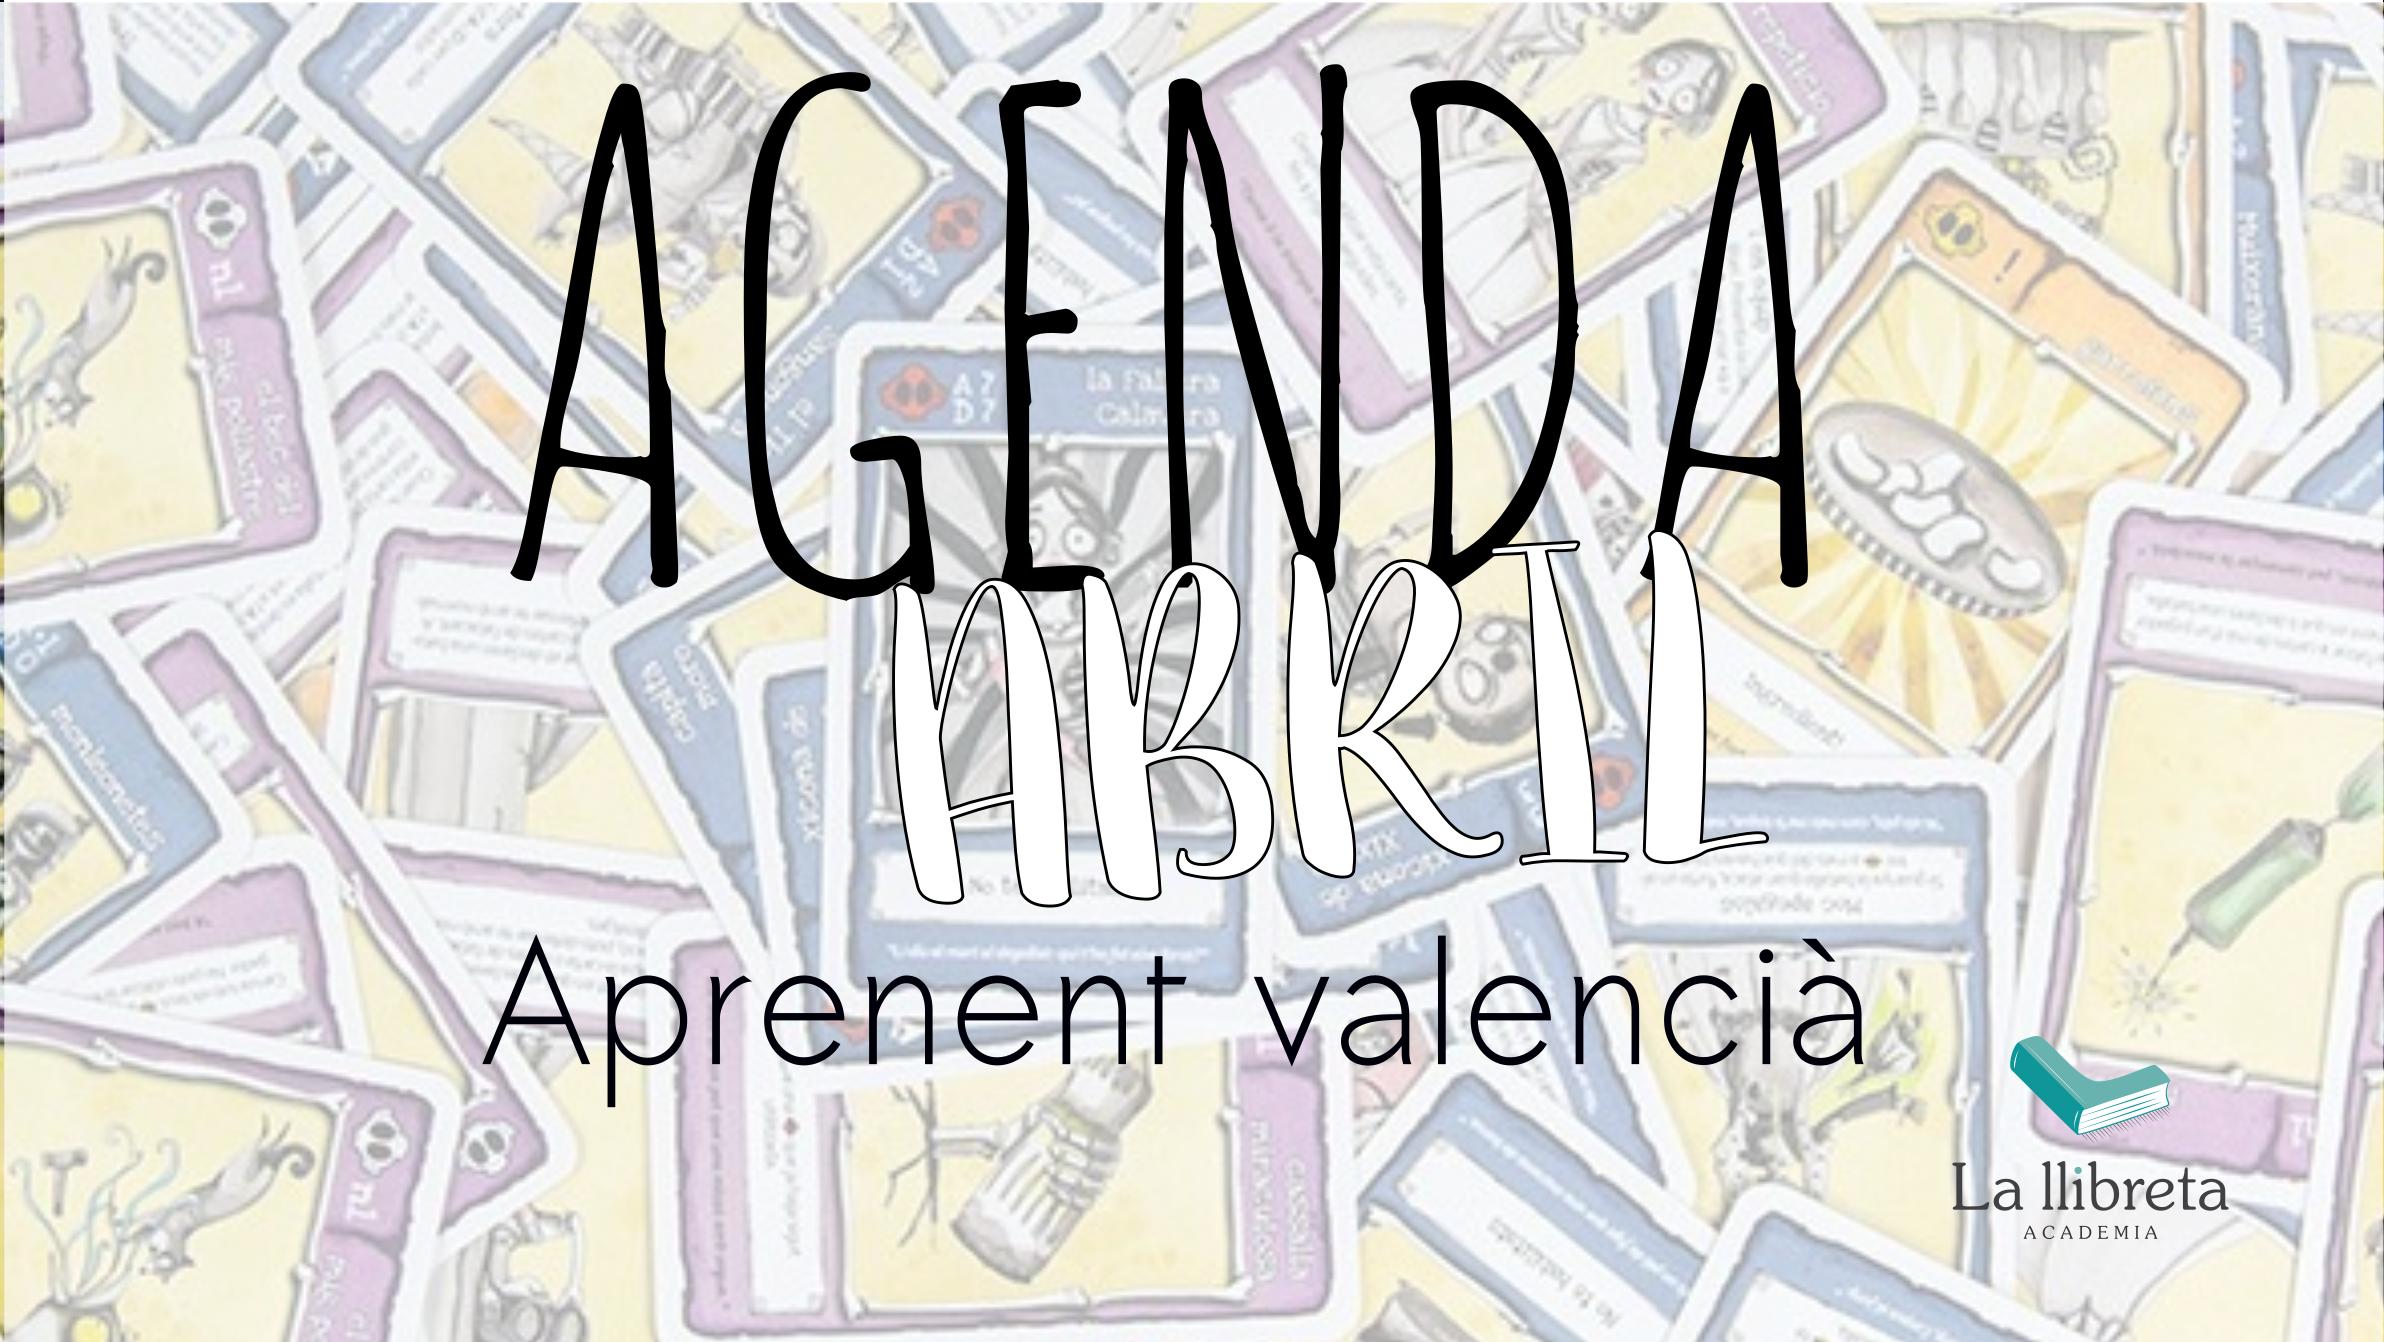 agenda valenciano abril 2019